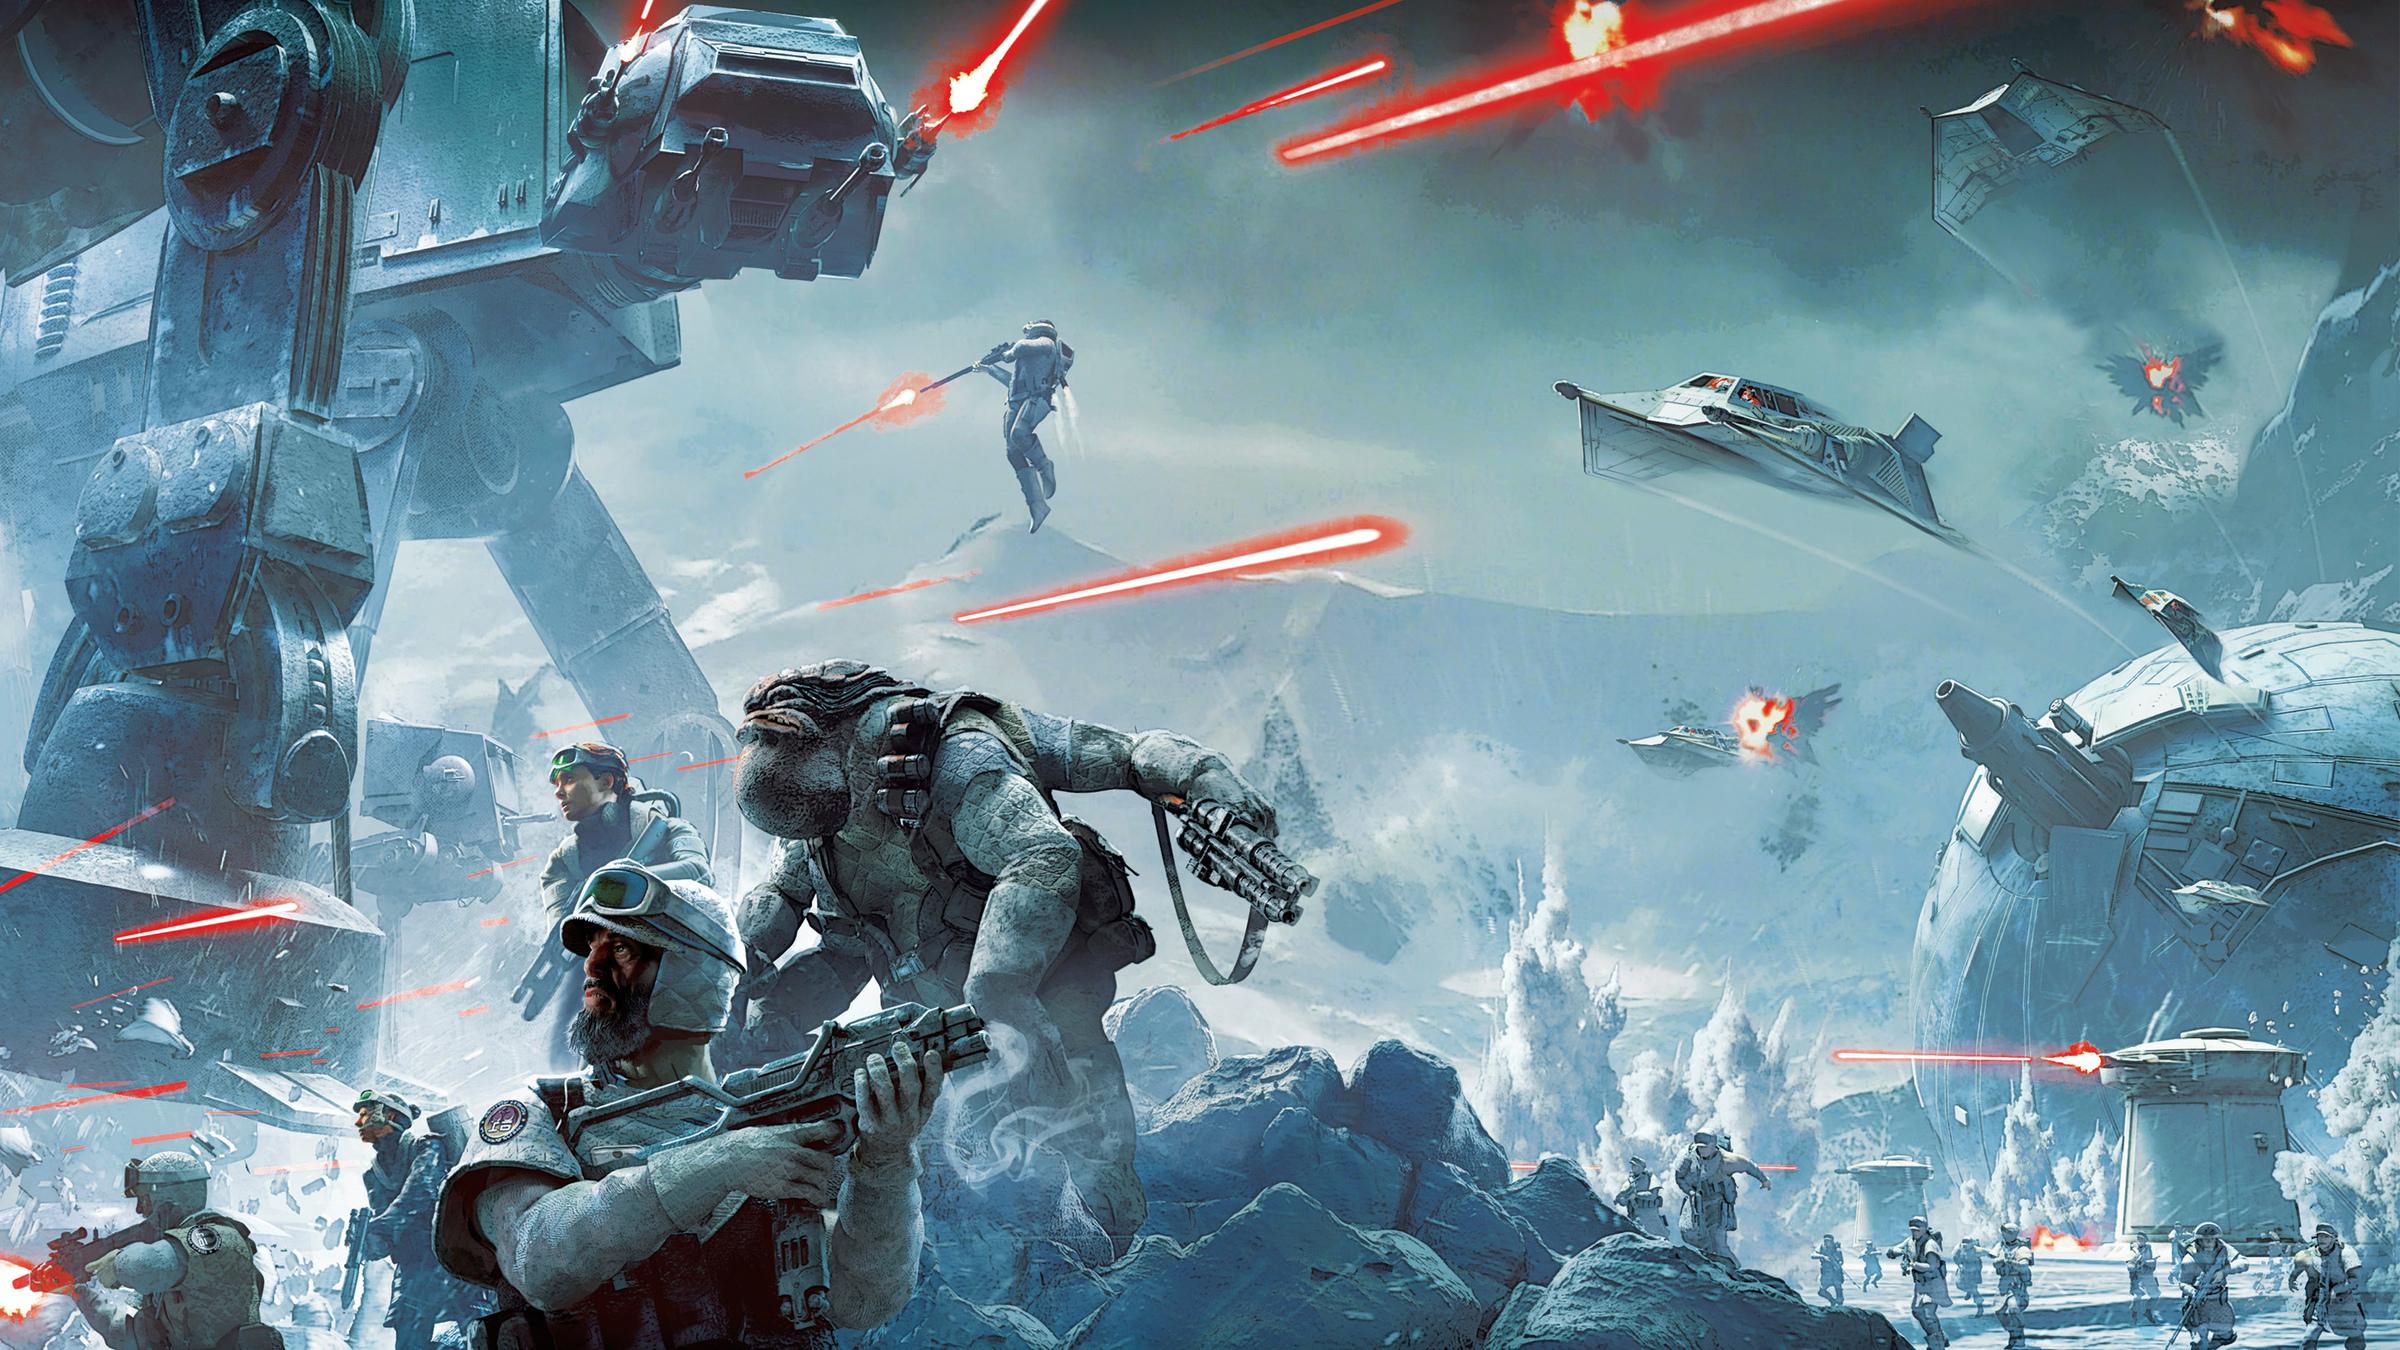 Star Wars Battlefront... (2400x1350)